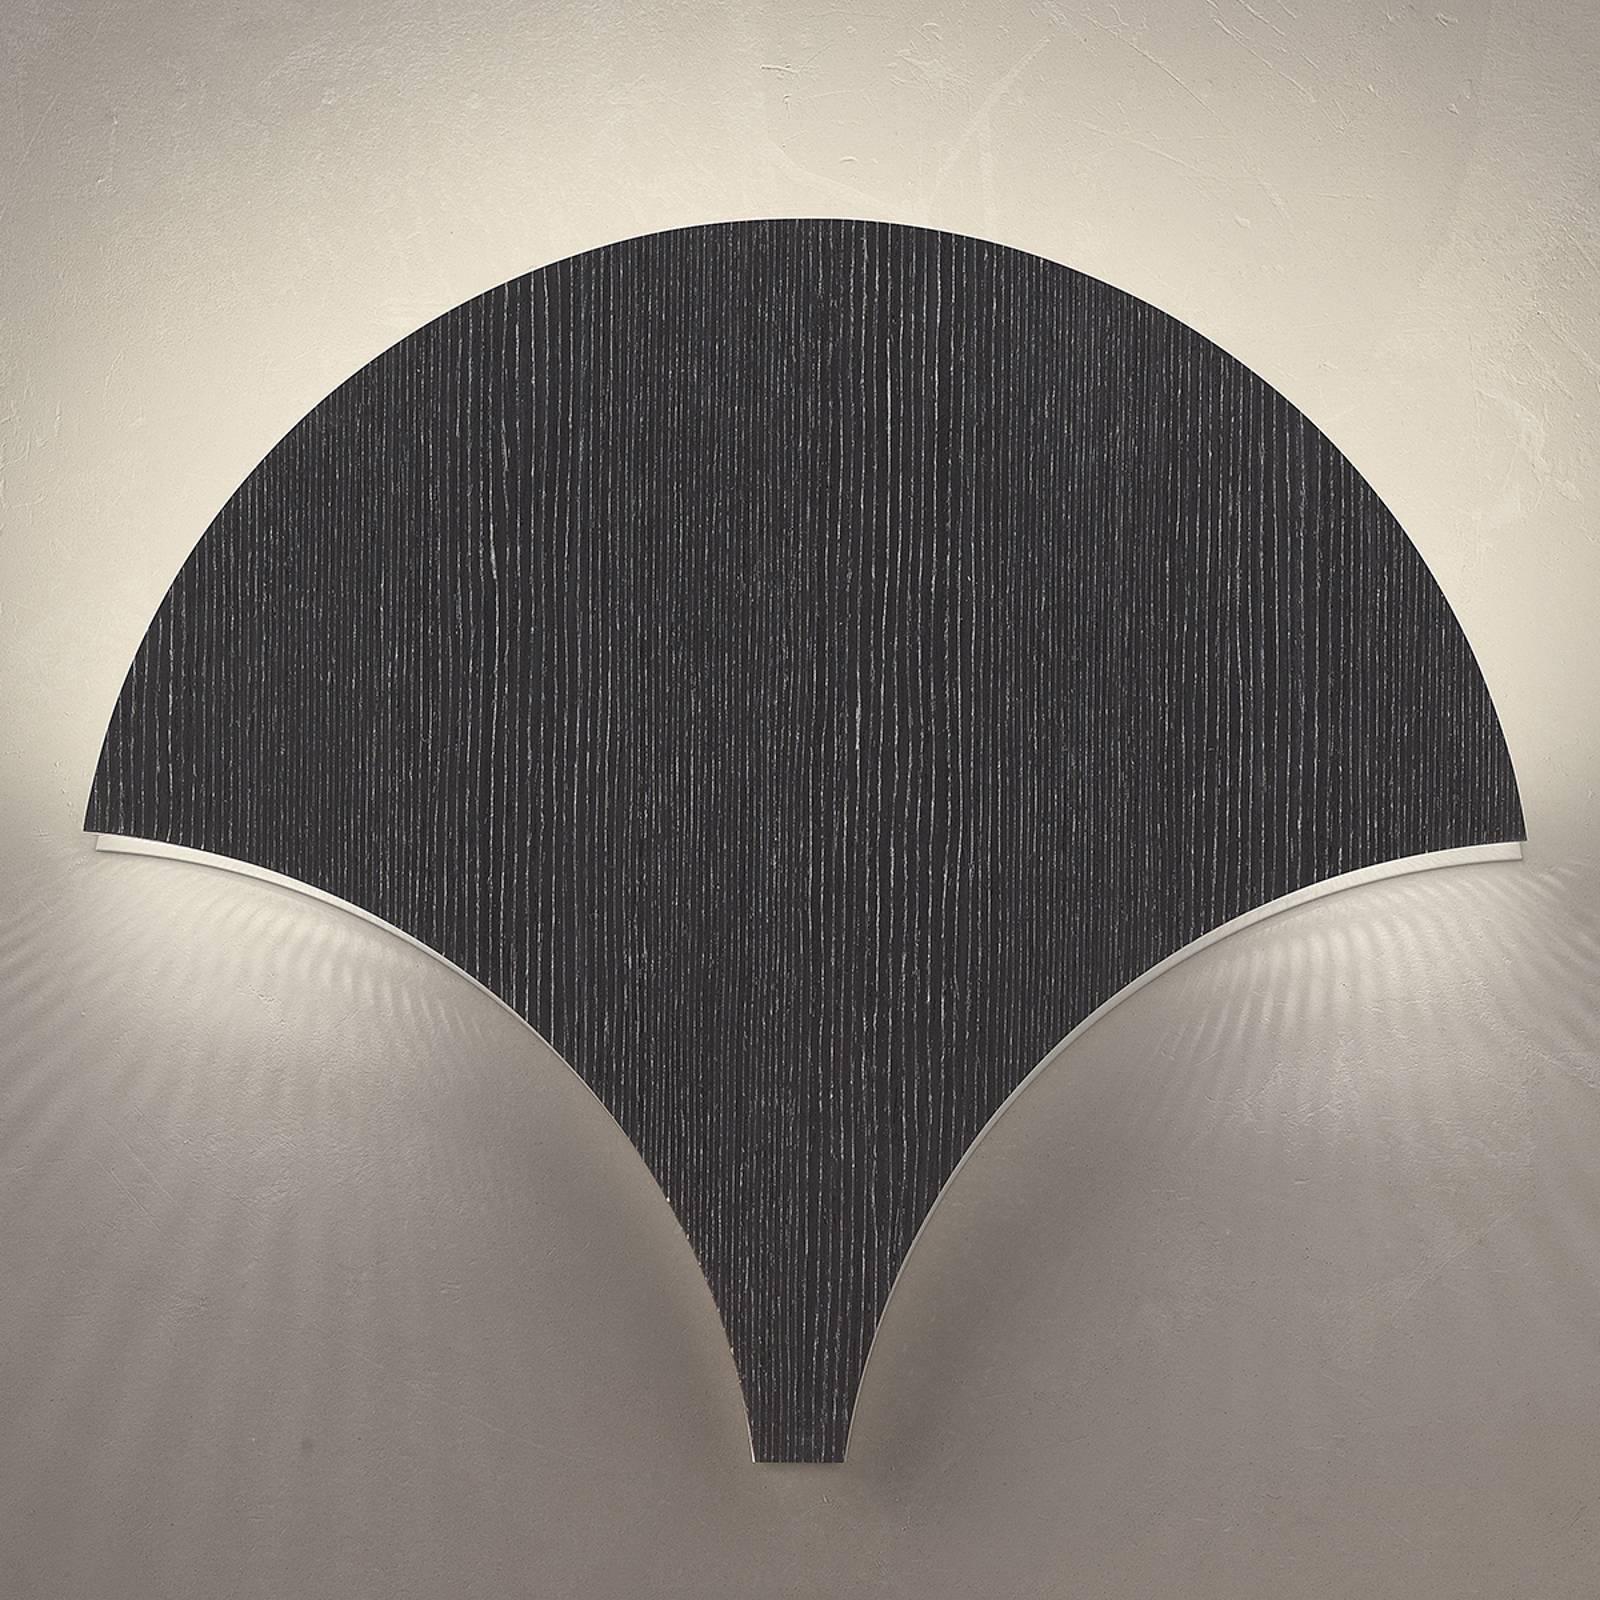 Ainutlaatuinen LED-seinävalaisin Palm mustan hopea